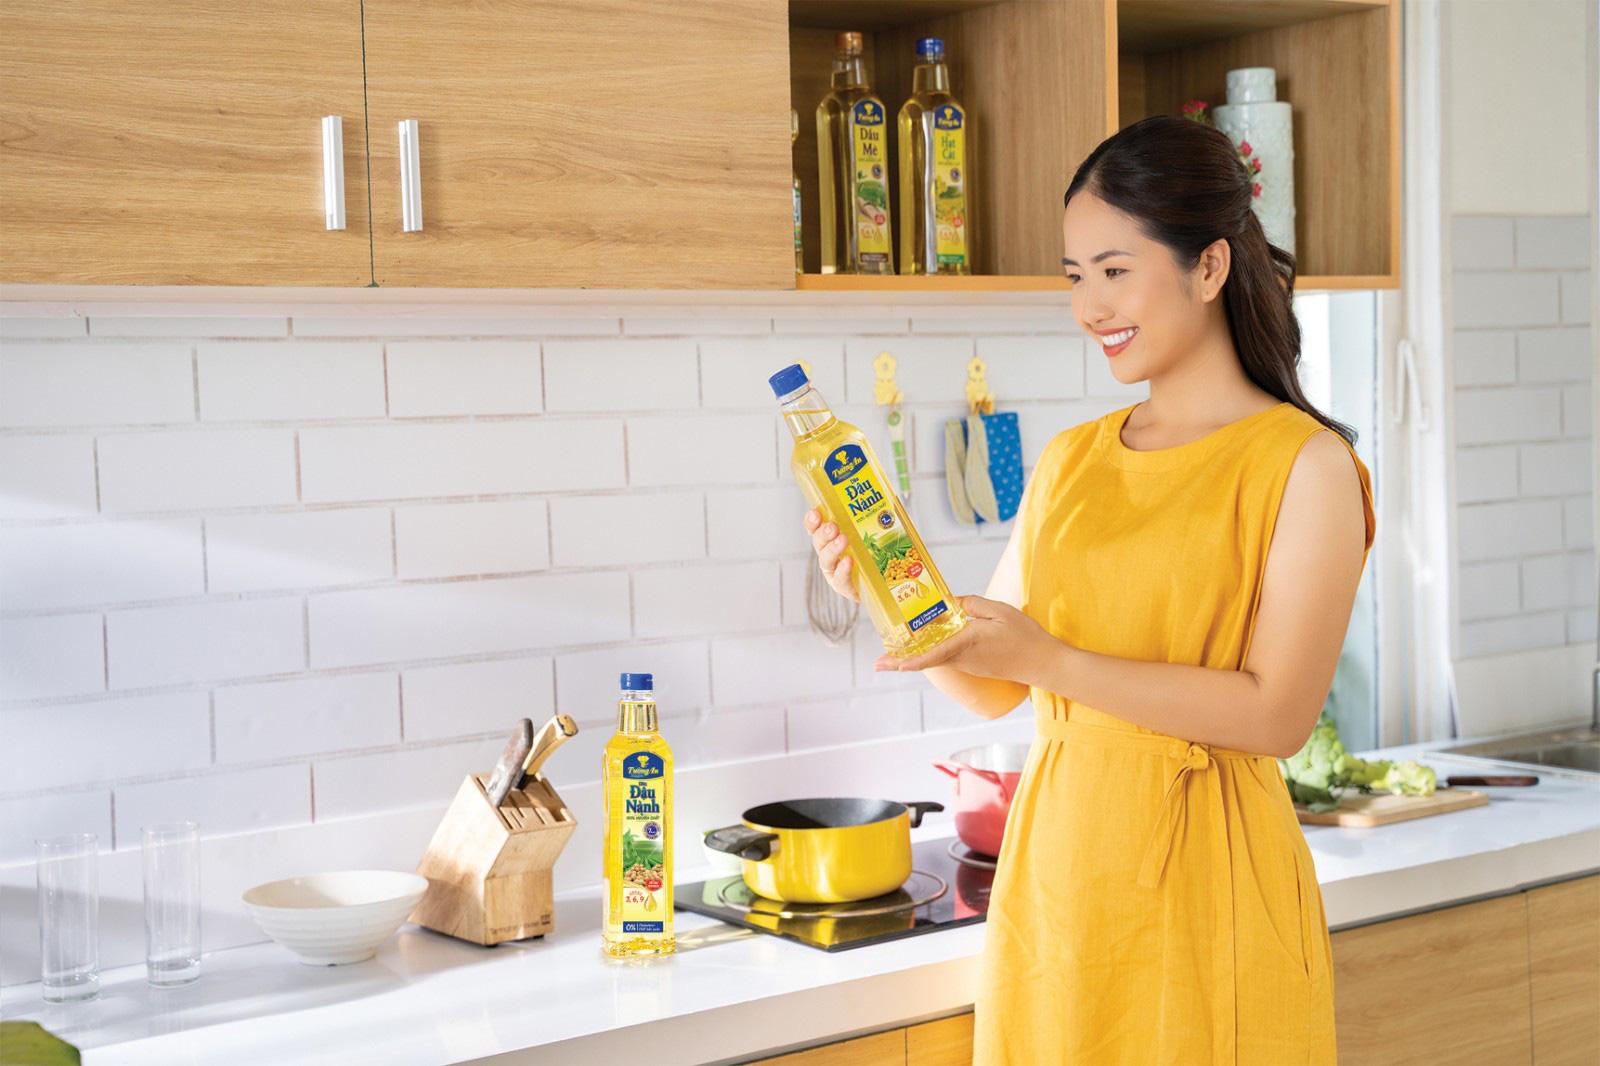 Lựa chọn dầu ăn cho gia đình - tưởng dễ mà khó vì chưa biết đâu là chuẩn mực - Ảnh 3.